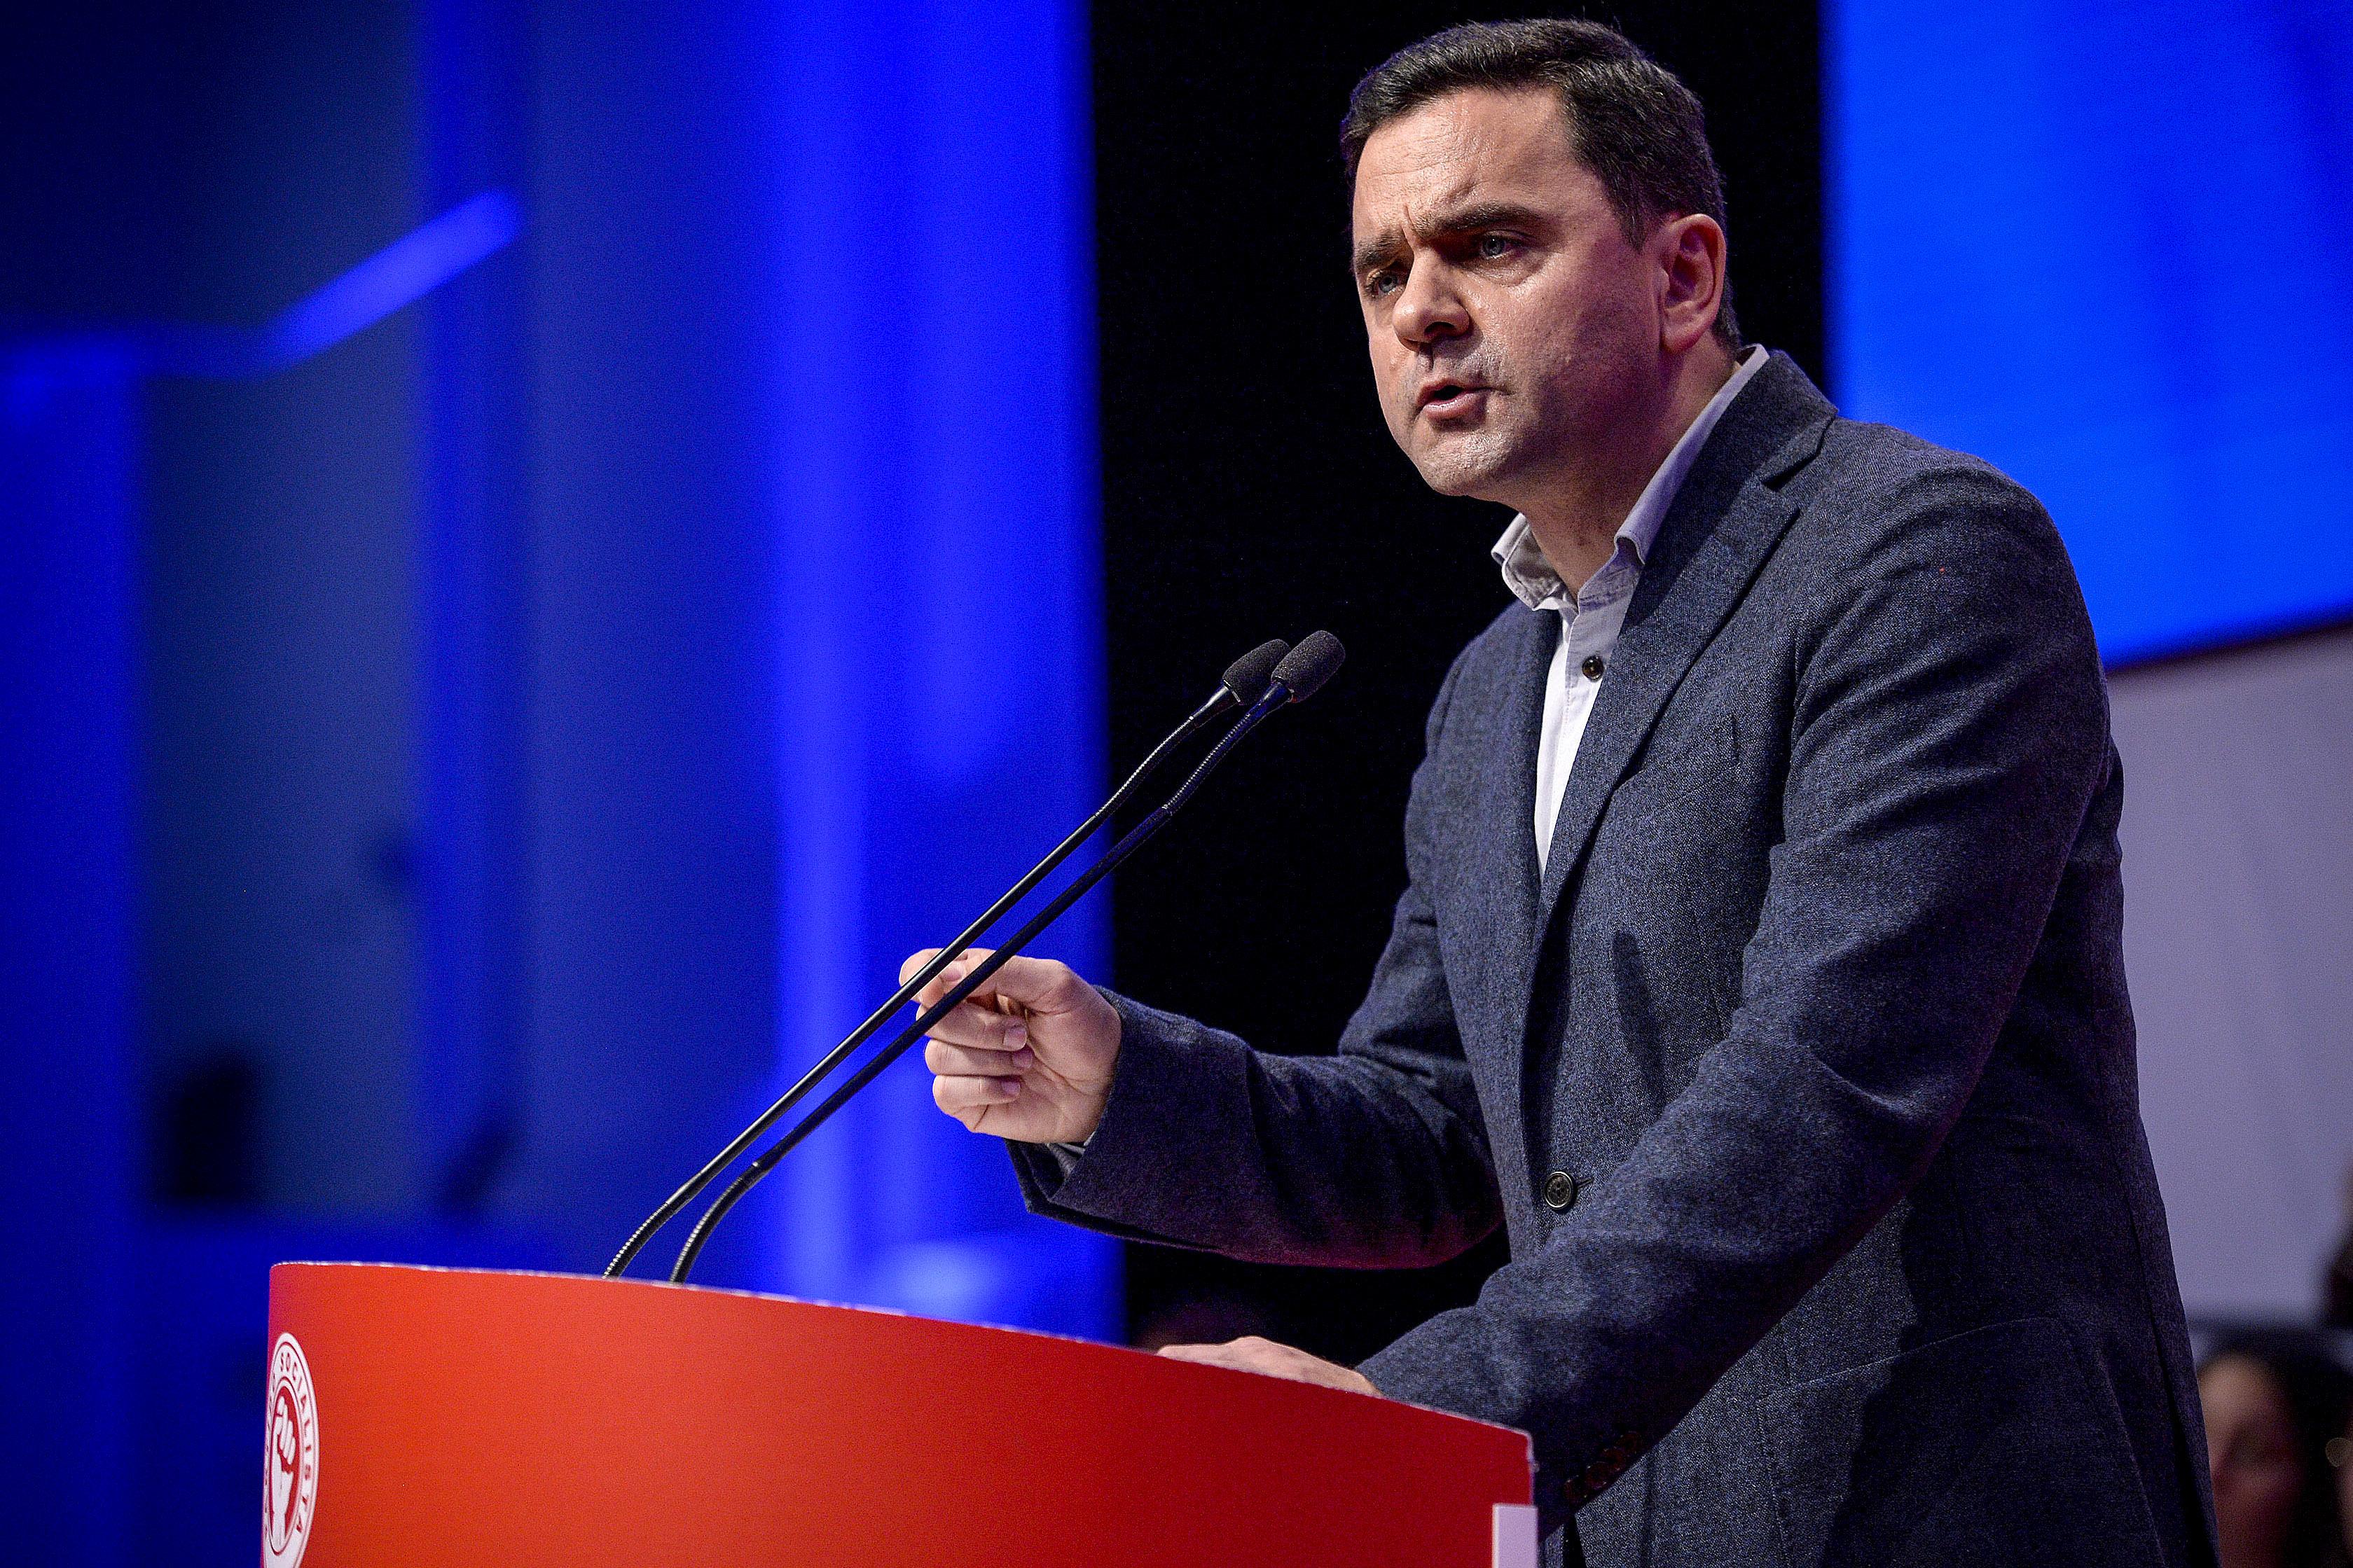 Europeias: Pedro Marques quer exportar para Europa exemplo português de governação